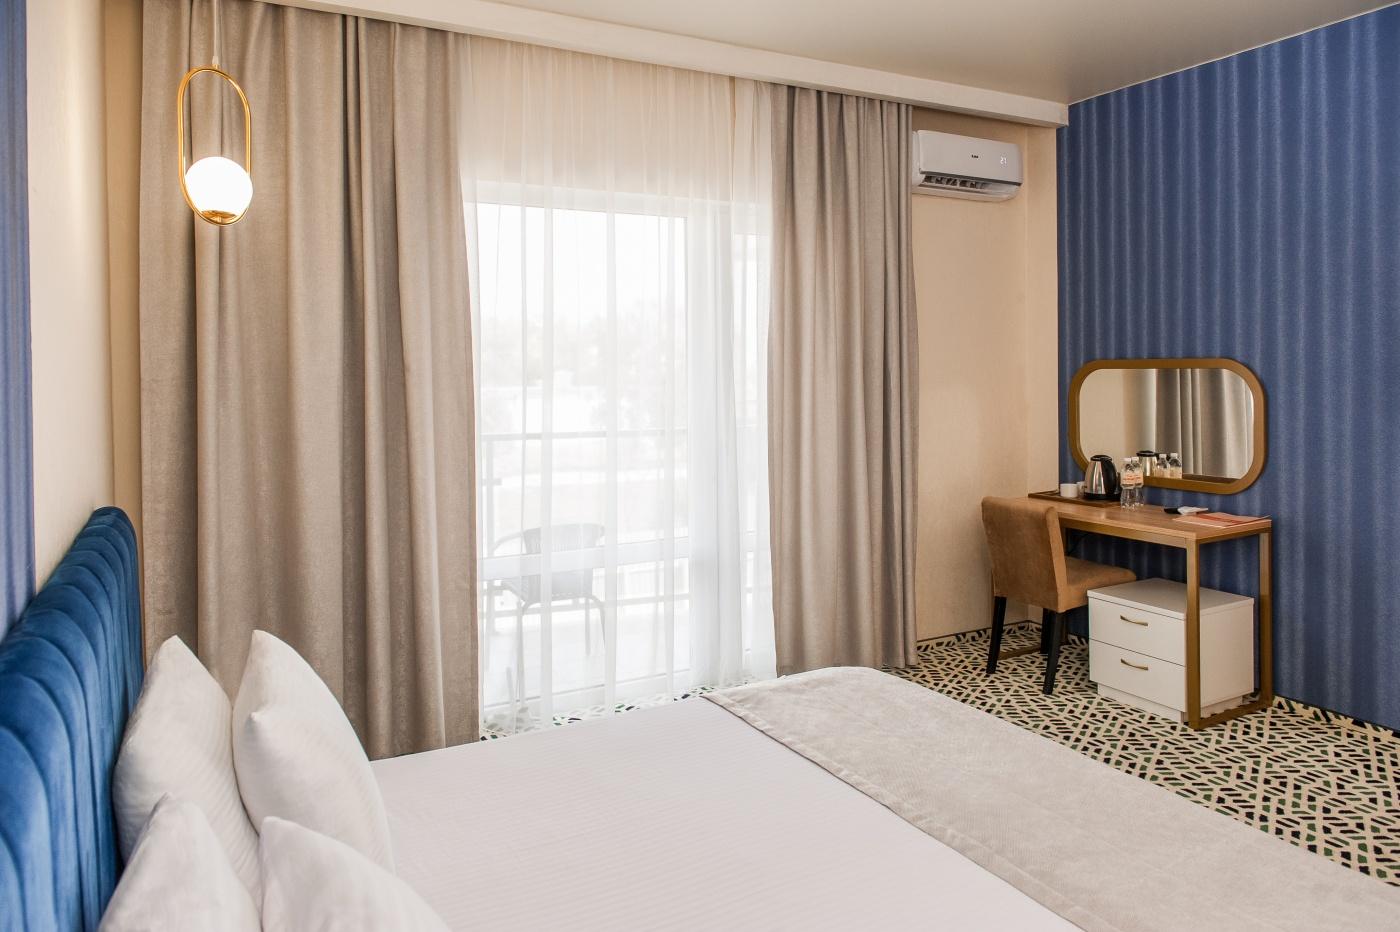 Отель «Aurum Family Resort & Spa» Краснодарский край Standard 2-местный (в коттедже), фото 2